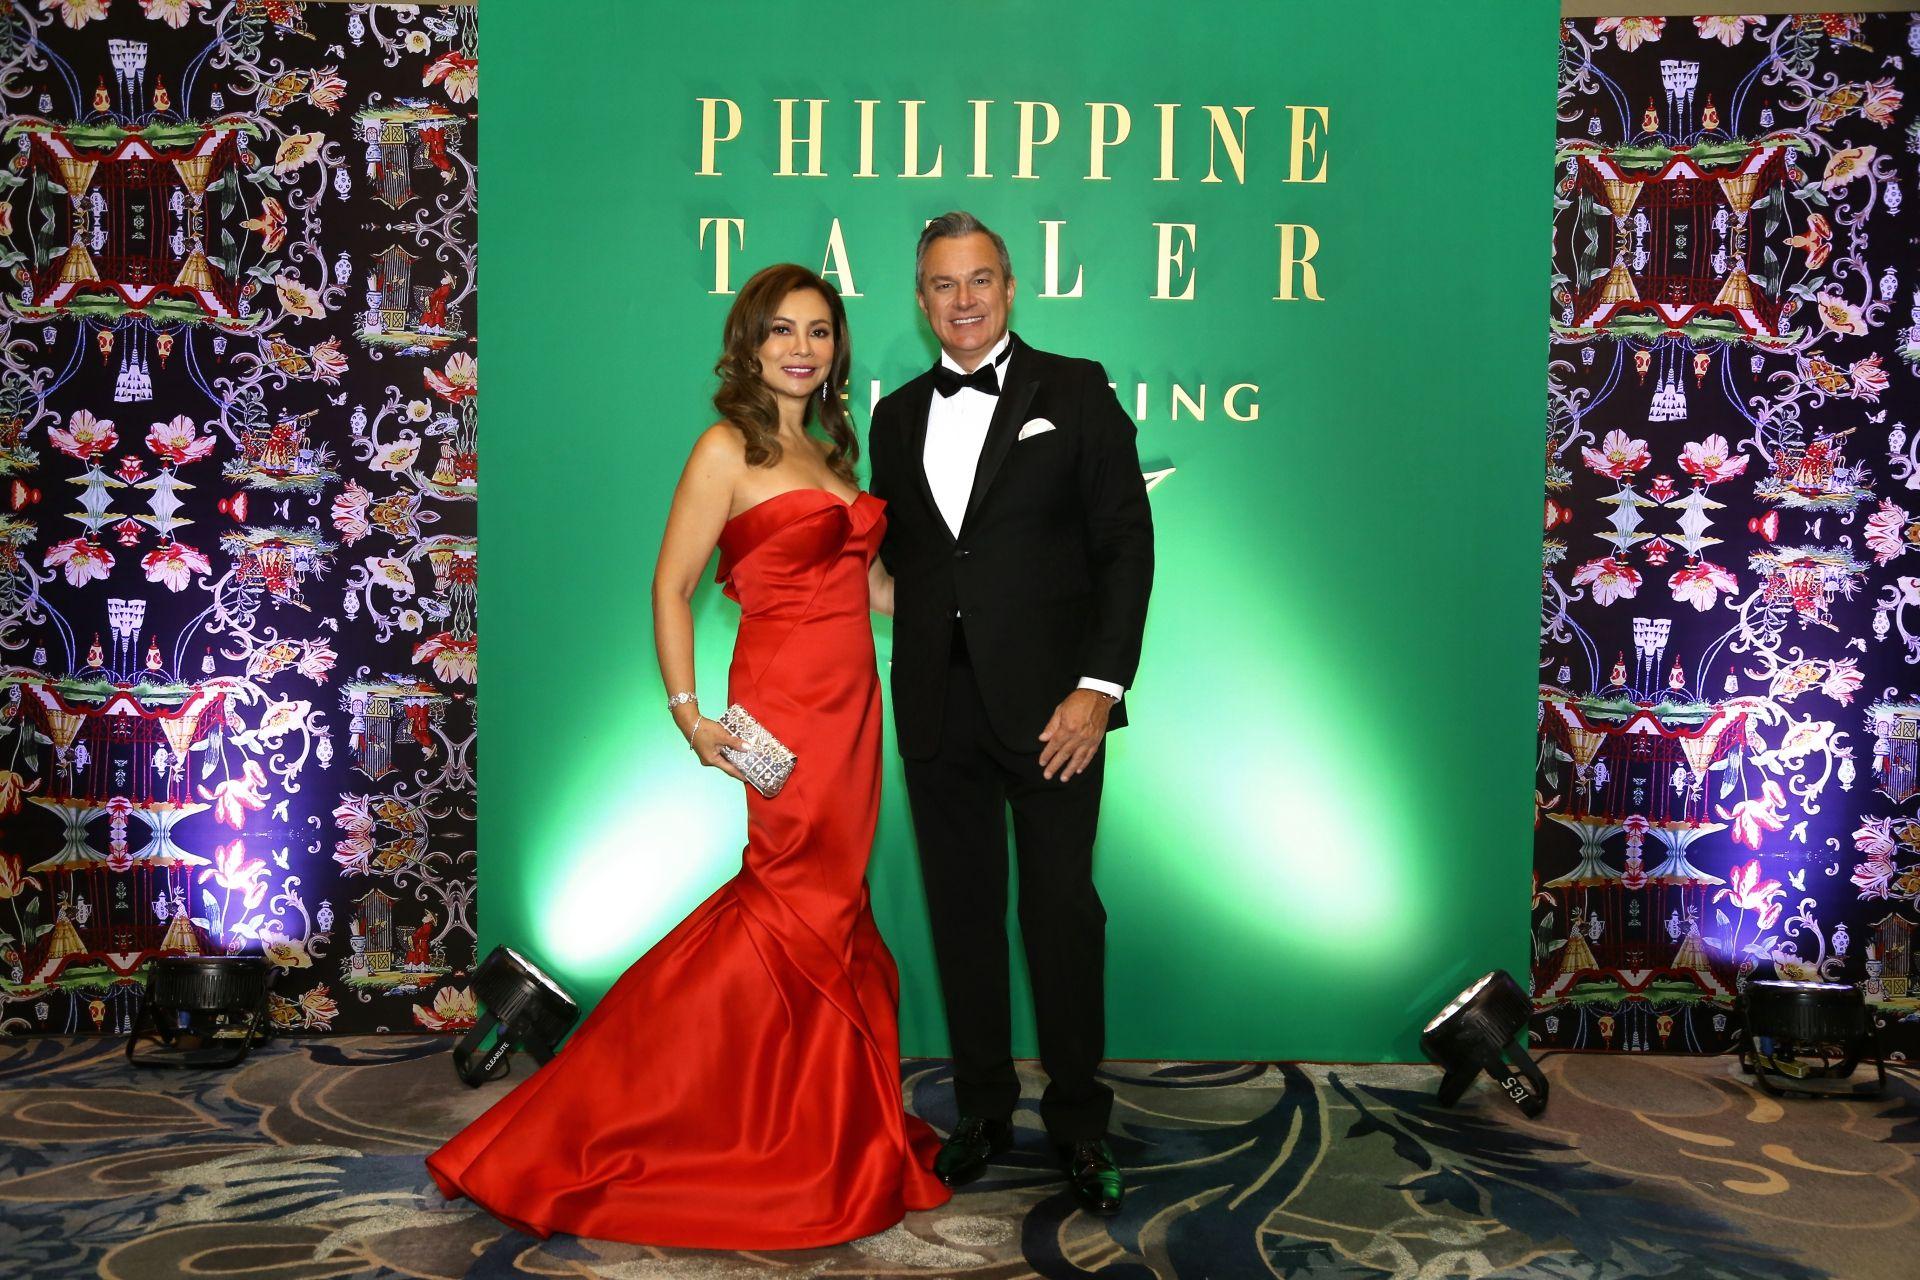 Mela Bengzon and Chris Bonehill